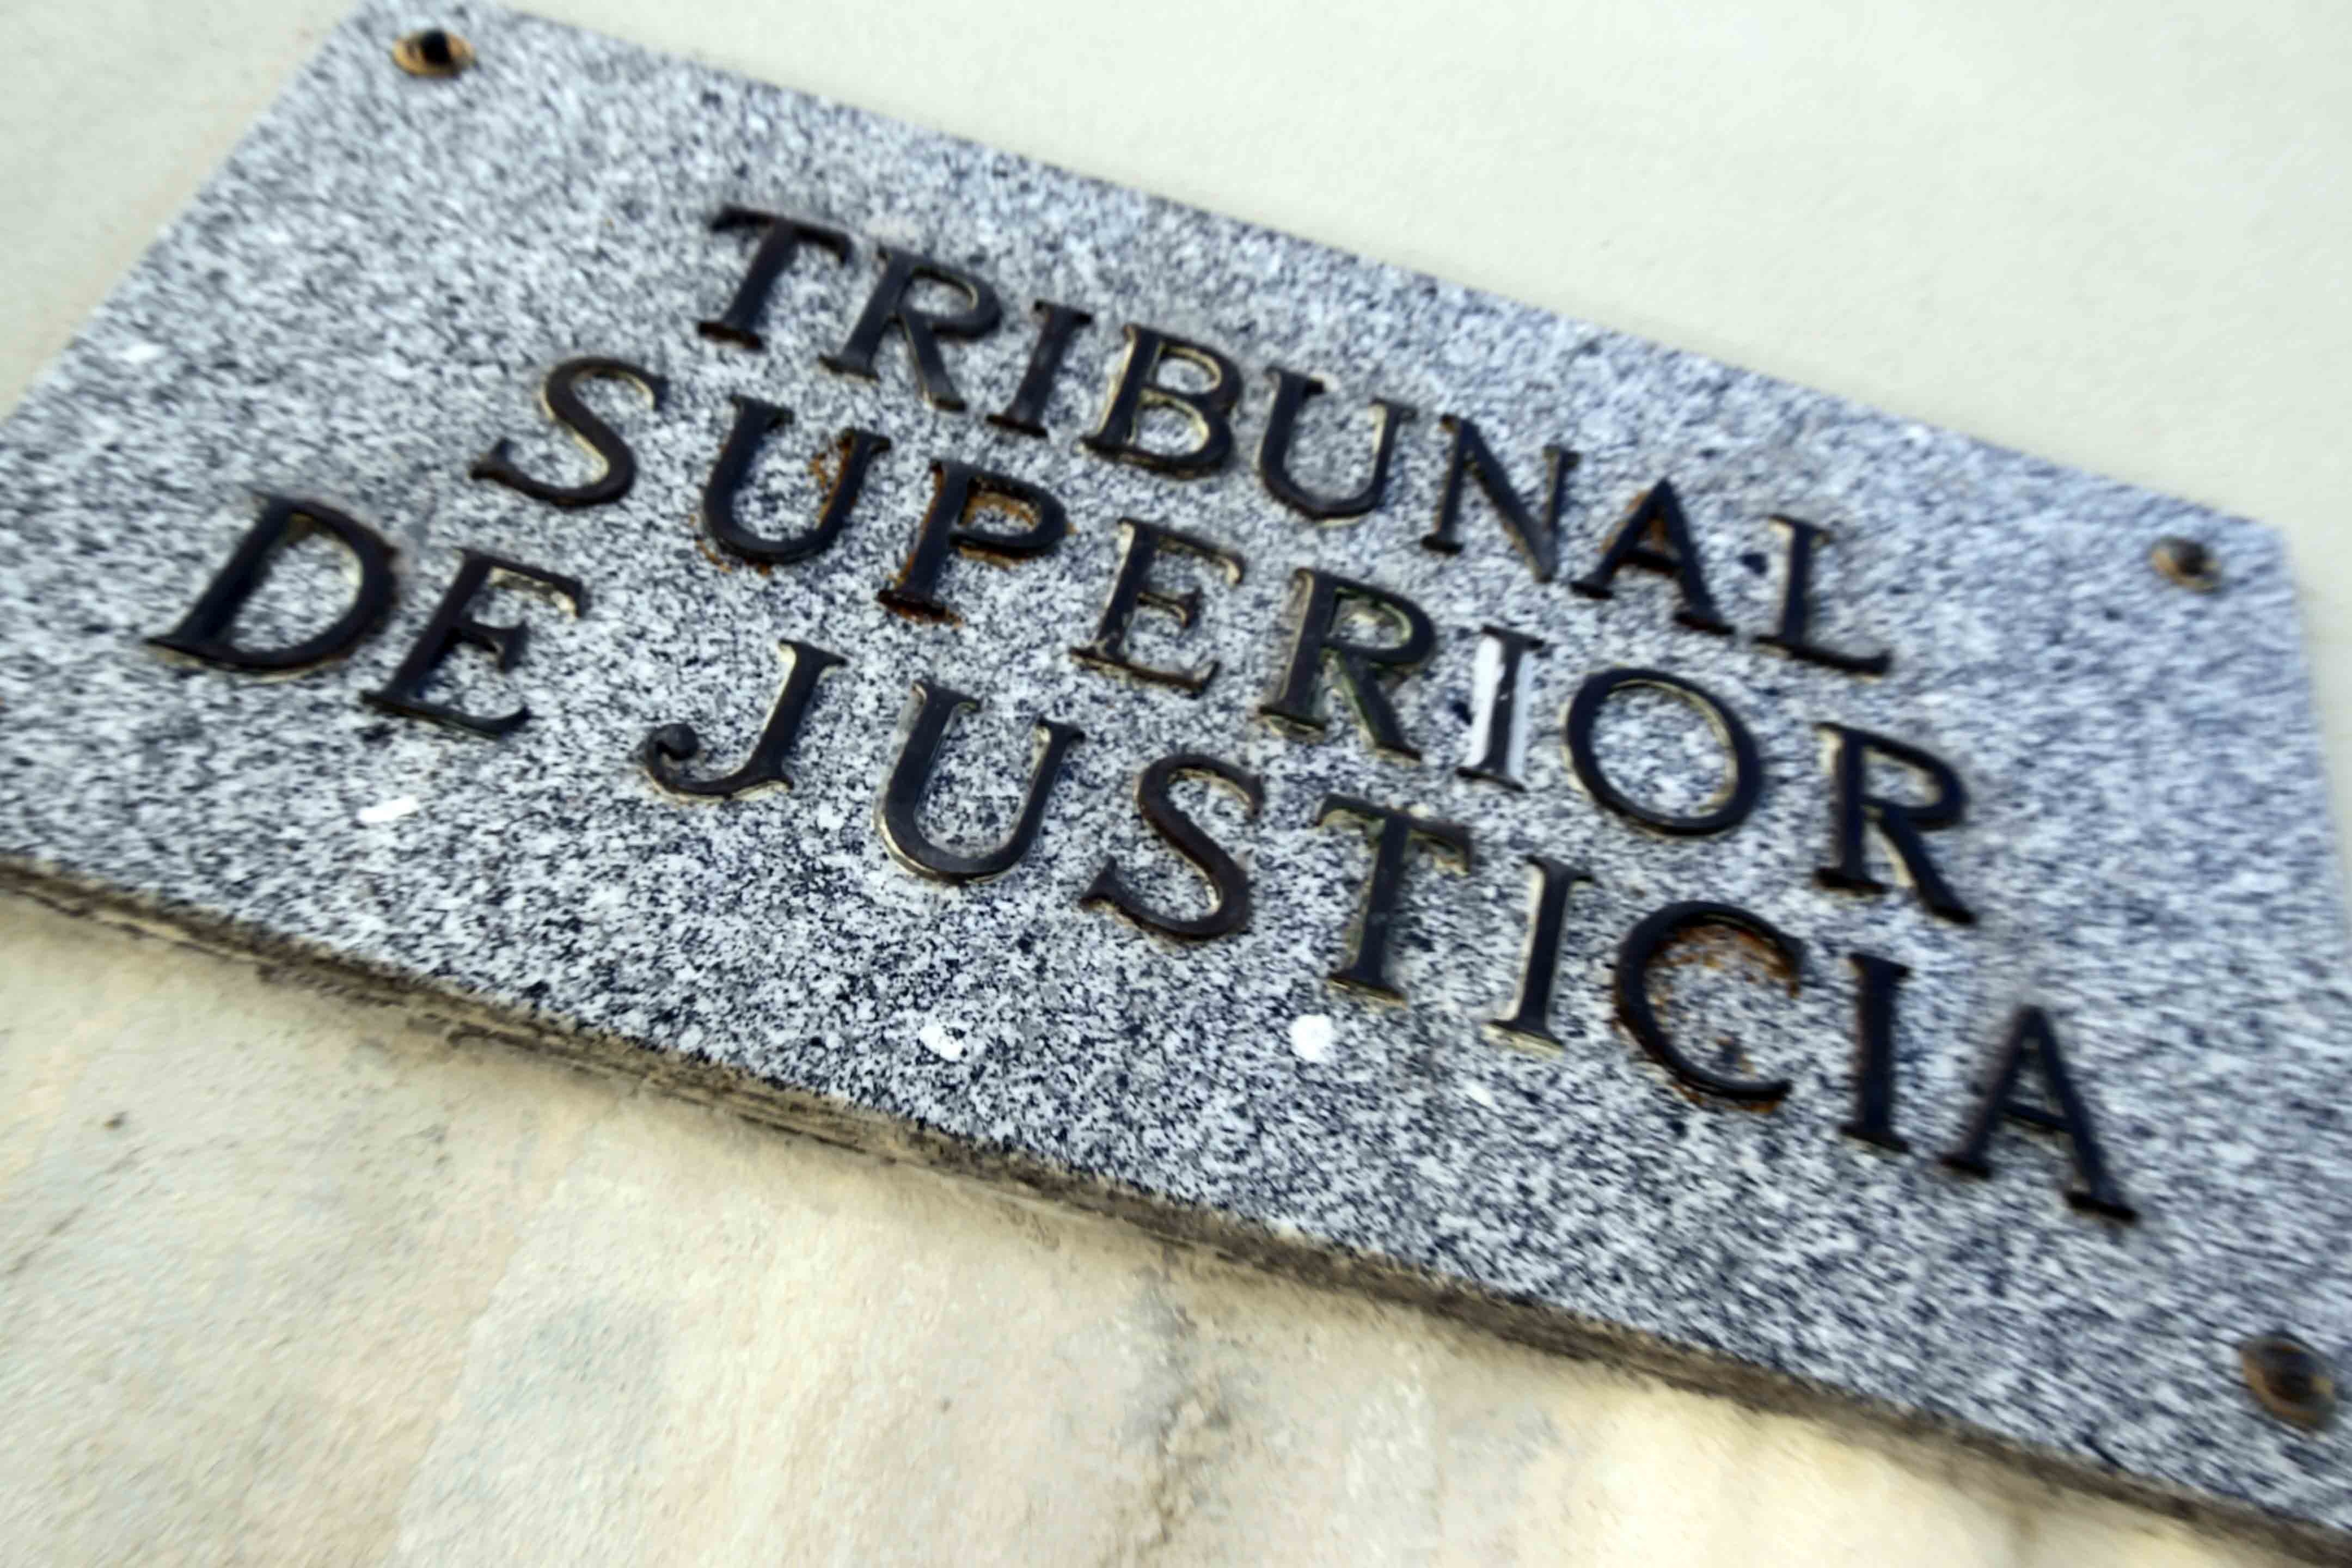 TSJM defiende la decisión del juez de aunar los recursos de la externalización porque entra dentro de sus «potestades»